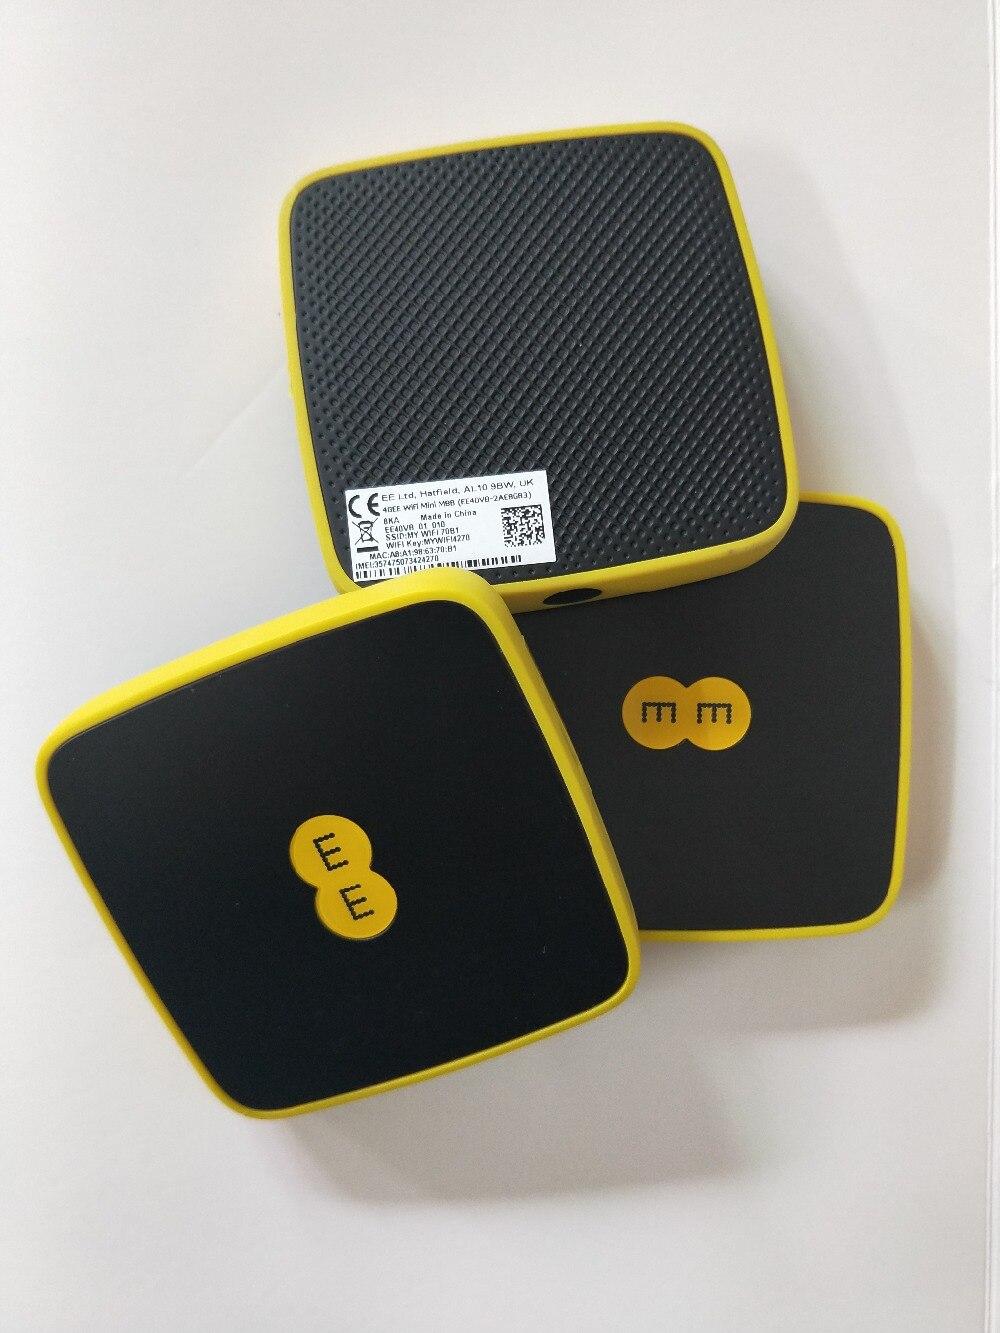 Mikro usb 4G LTE Cep wifi kablosuz router Ile Dahili AntenMikro usb 4G LTE Cep wifi kablosuz router Ile Dahili Anten